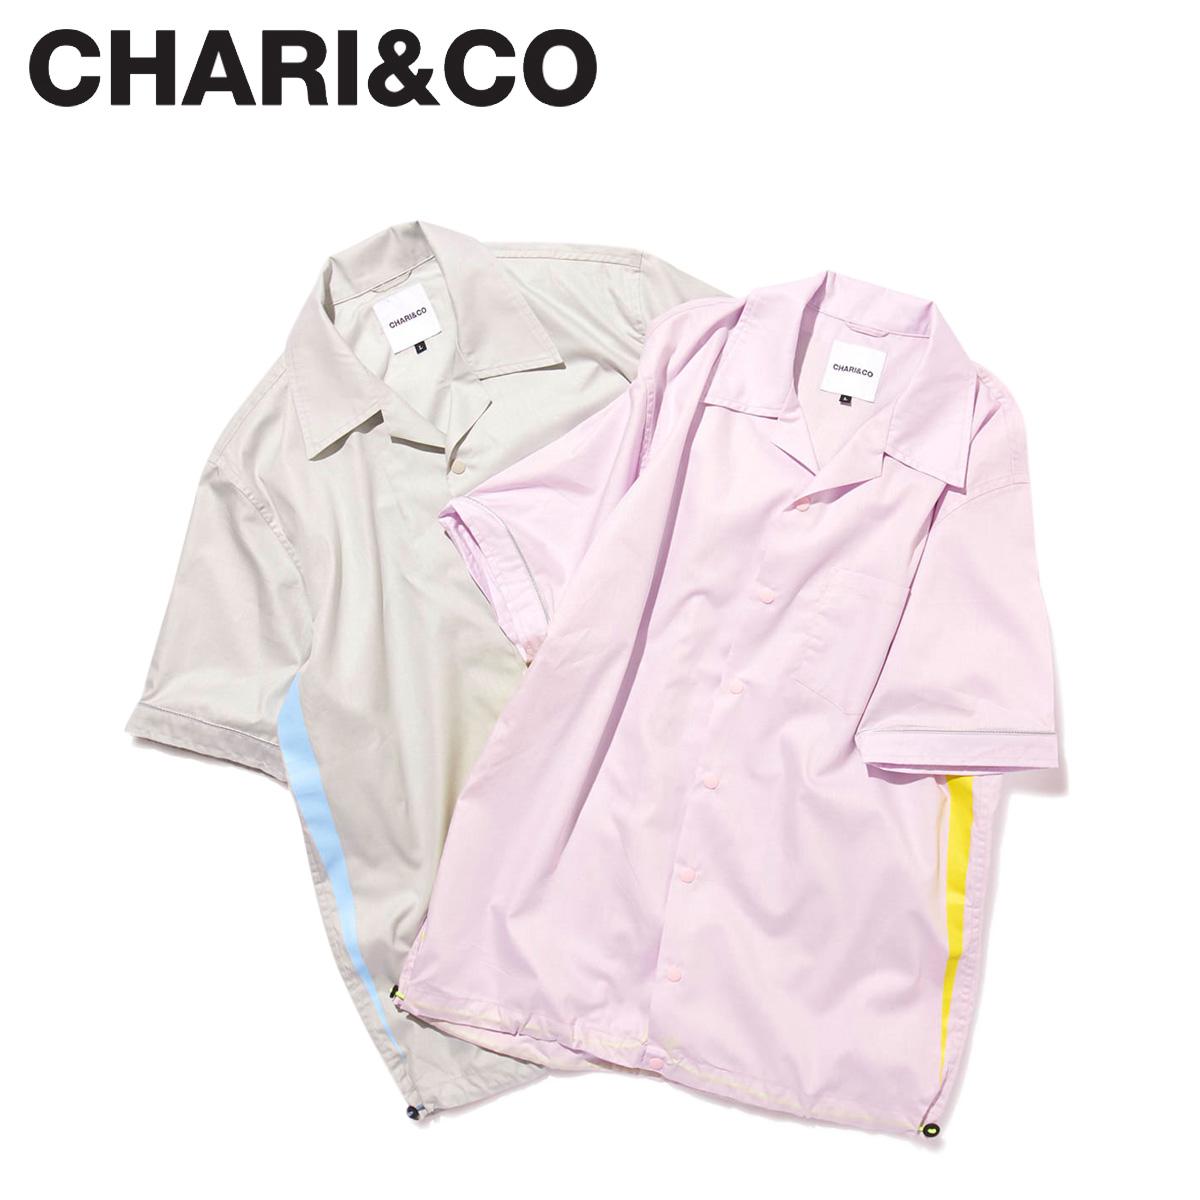 CHARI&CO チャリアンドコー シャツ ボーリングシャツ 半袖 メンズ RETRO FUTURE BOWLING SHIRTS グレー ライト パープル